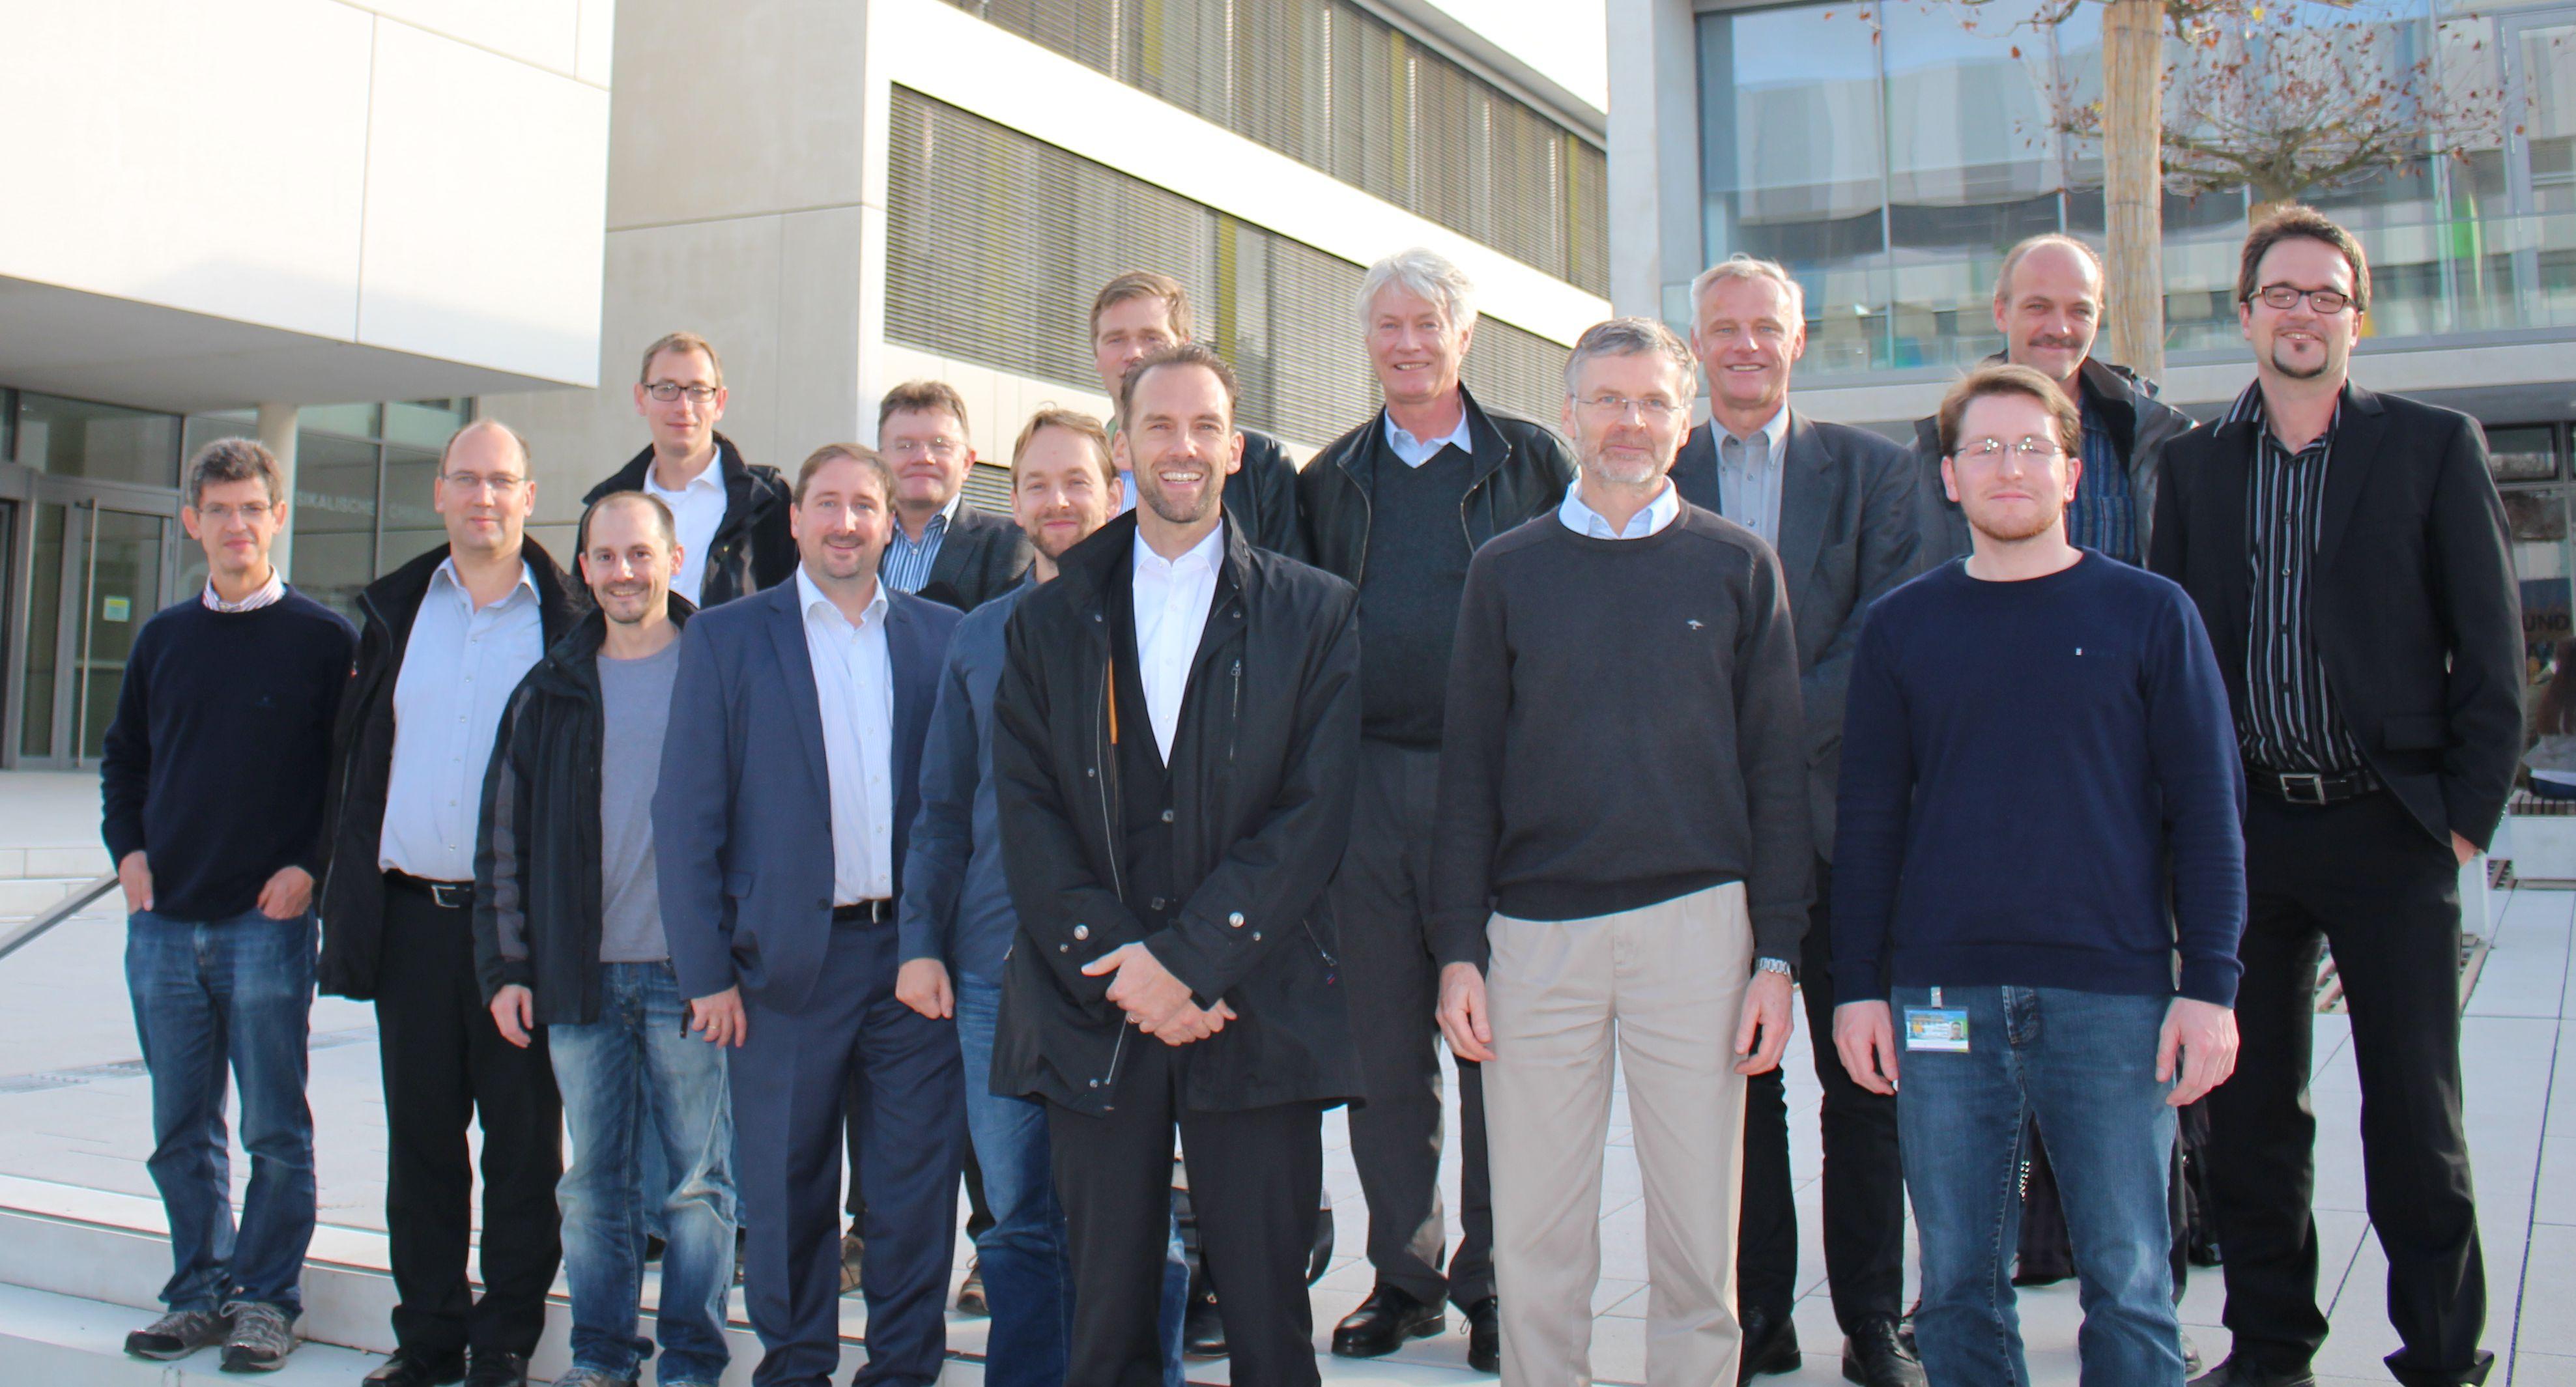 Teilnehmer der JHV 2015